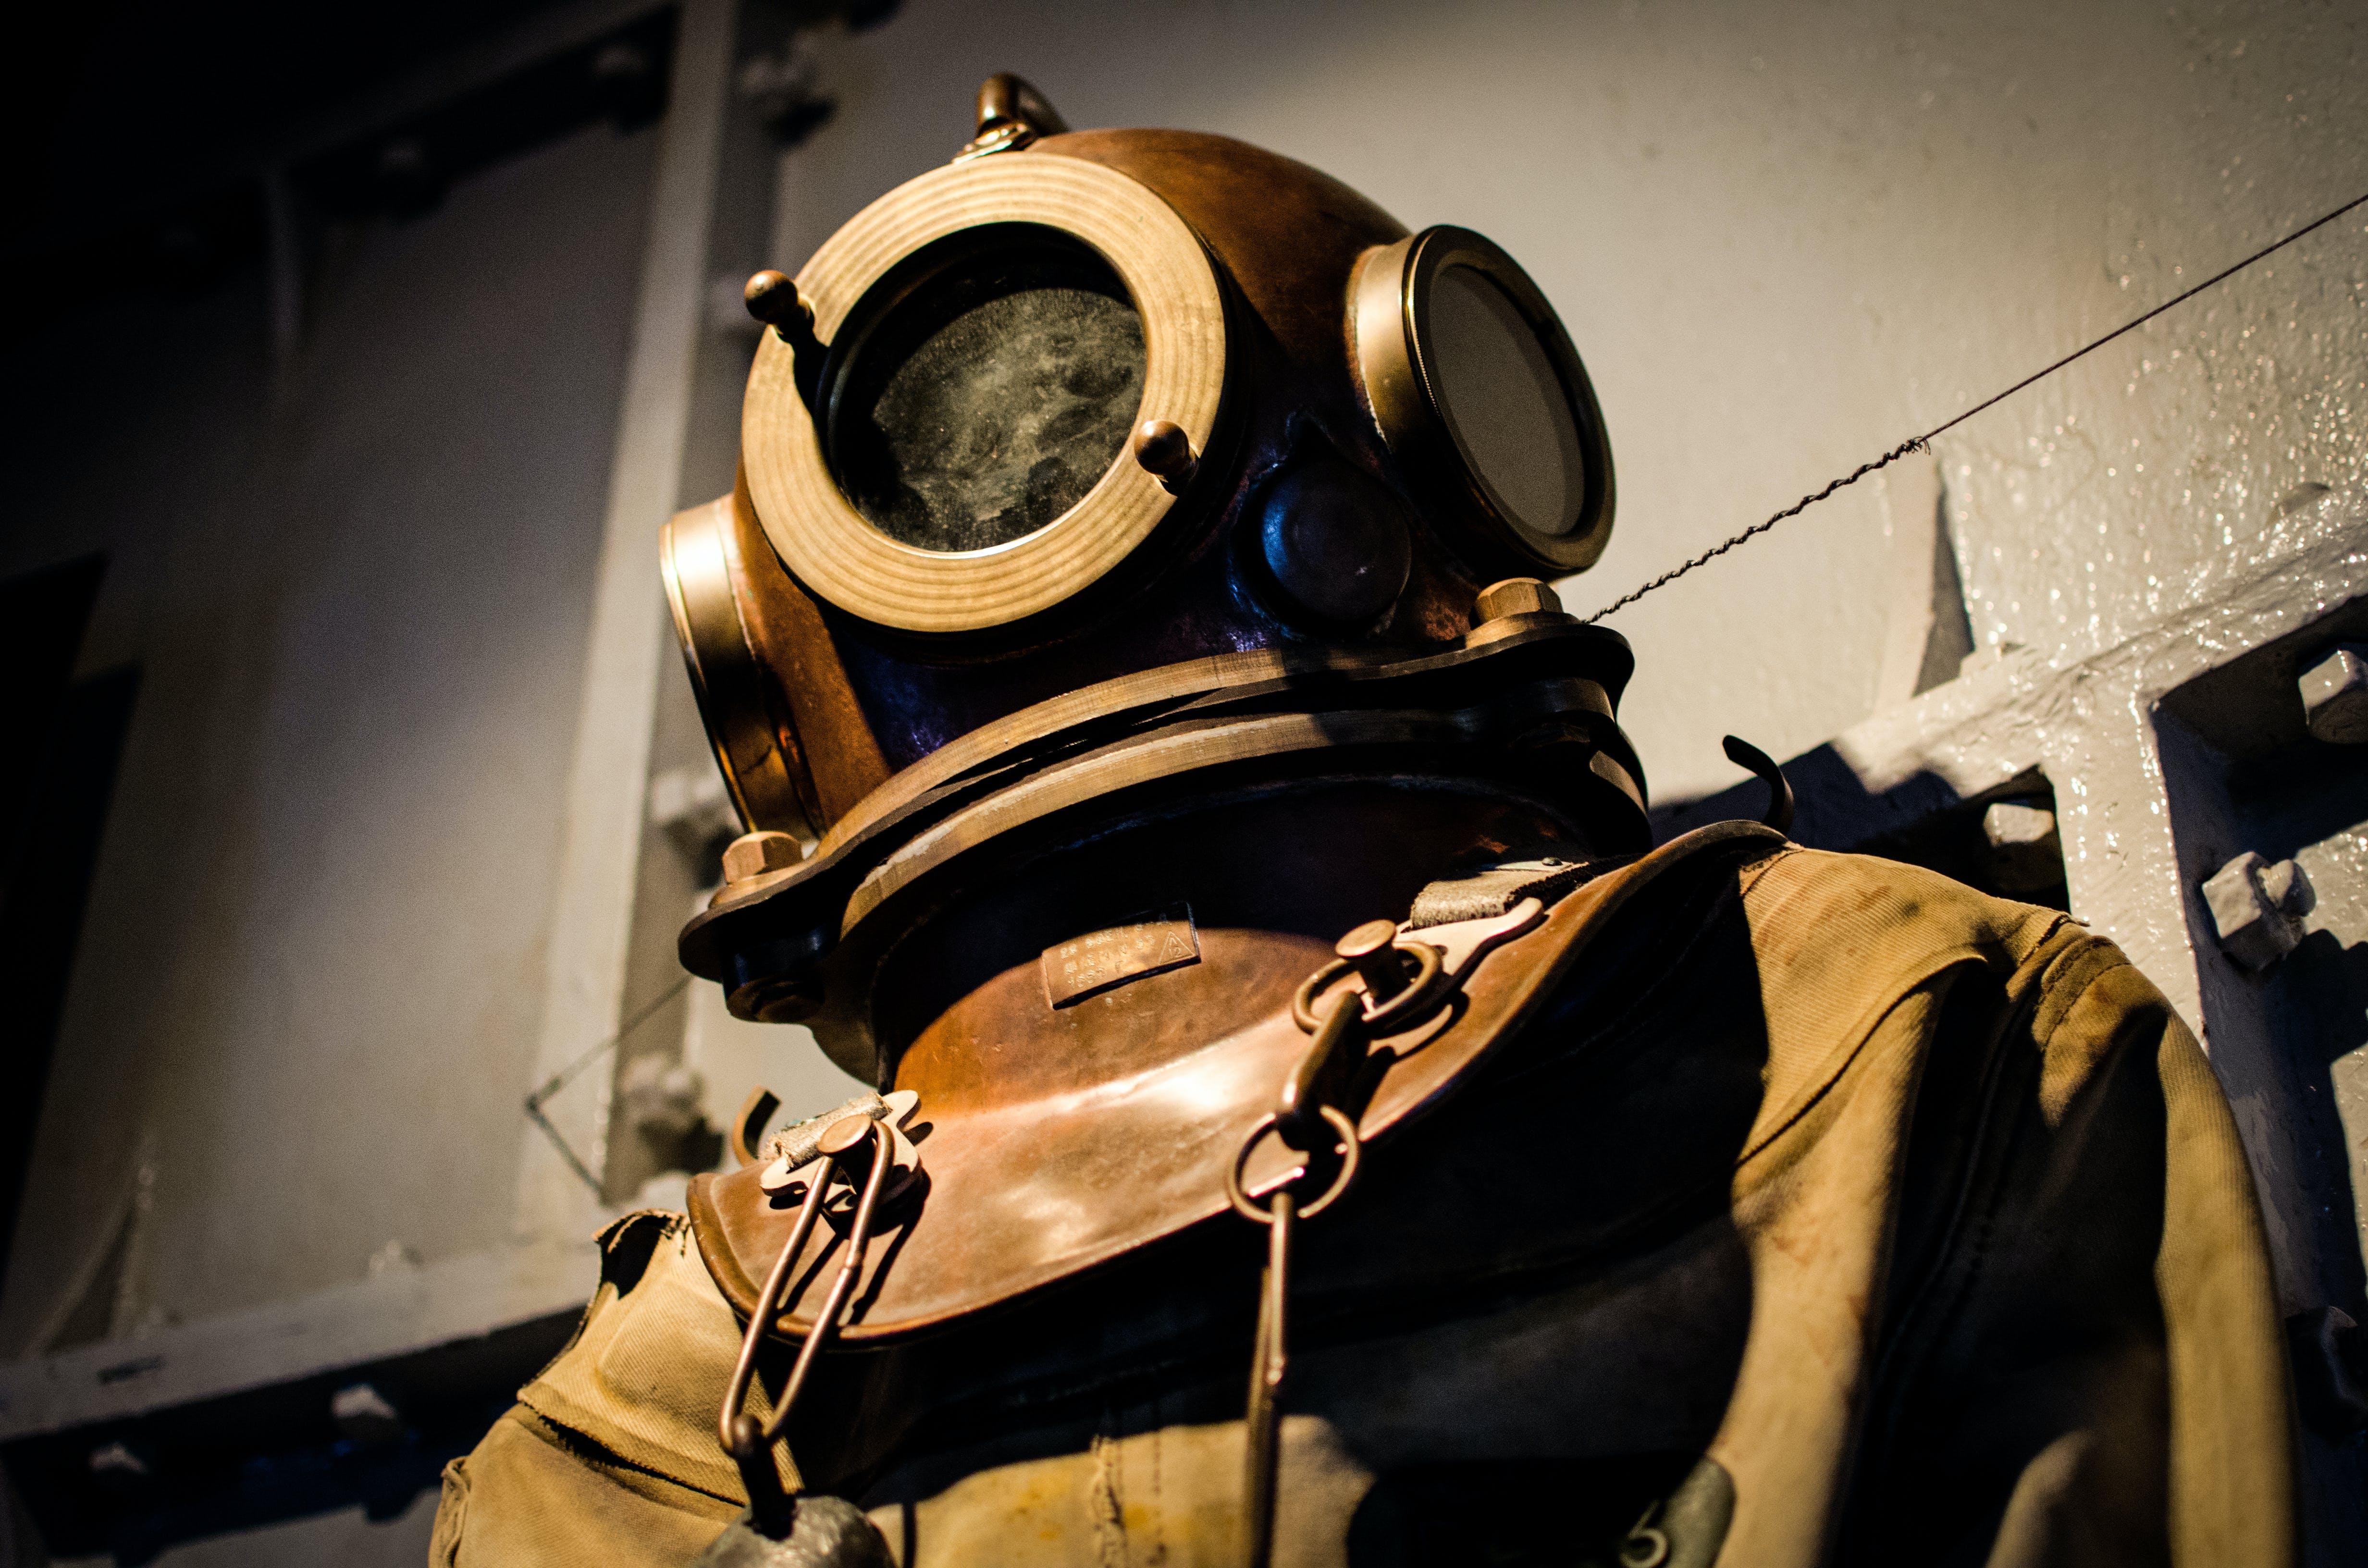 diver, diving suit, historical